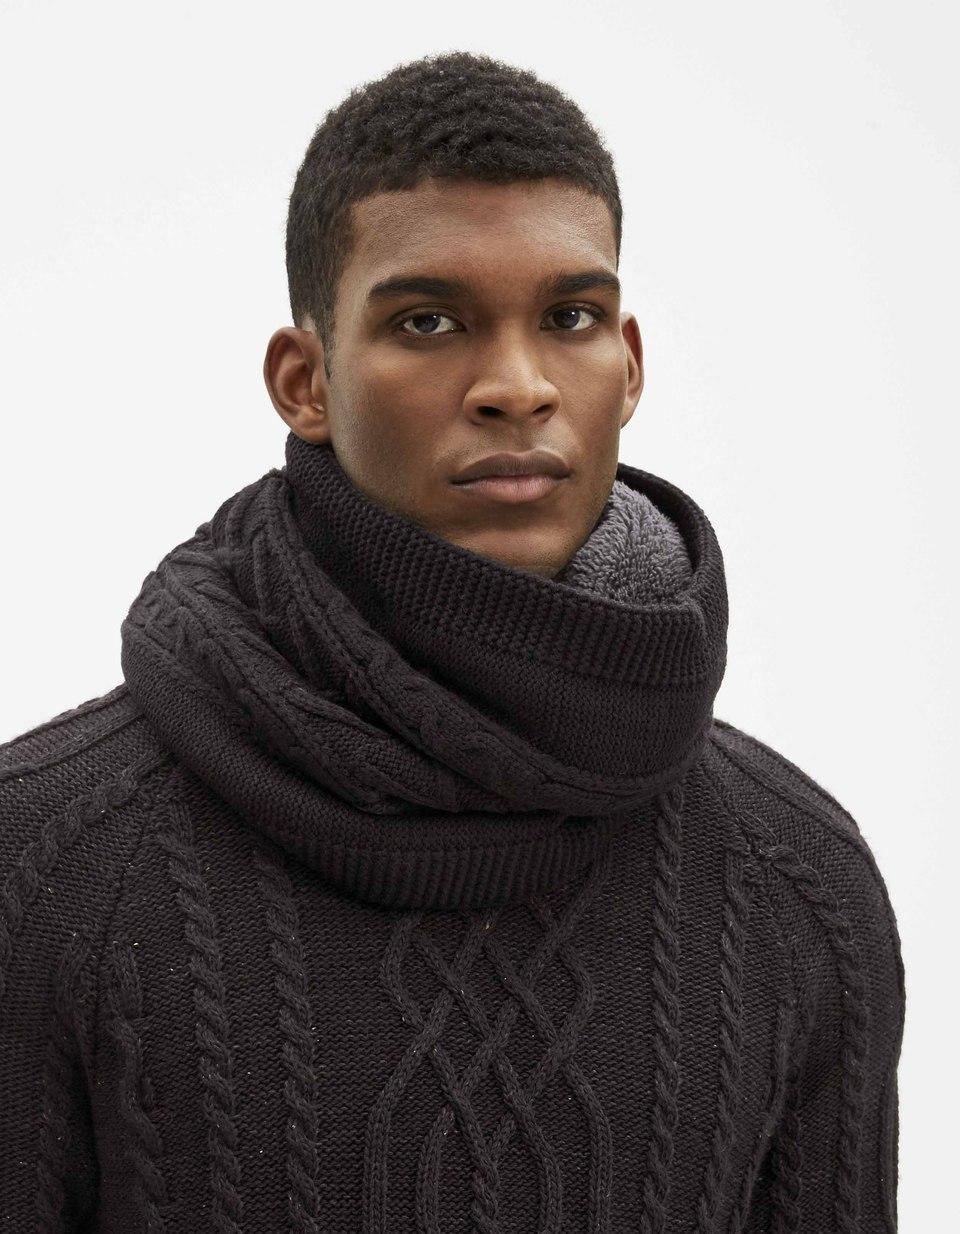 bca54494d2ff Echarpe tour cou homme - Idée pour s habiller